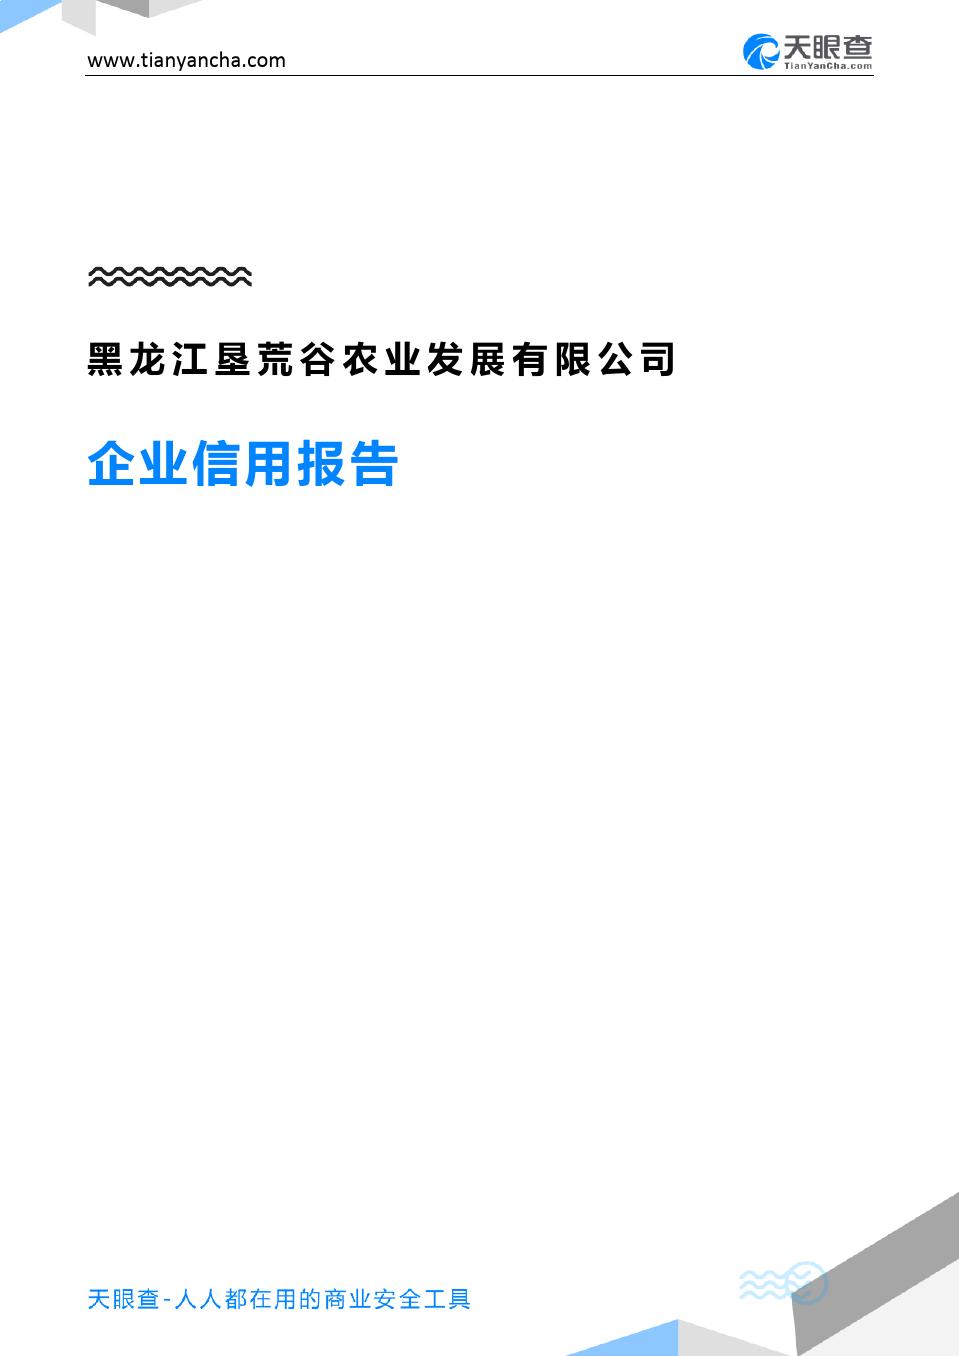 黑龙江垦荒谷农业发展有限公司(企业信用报告)- 天眼查